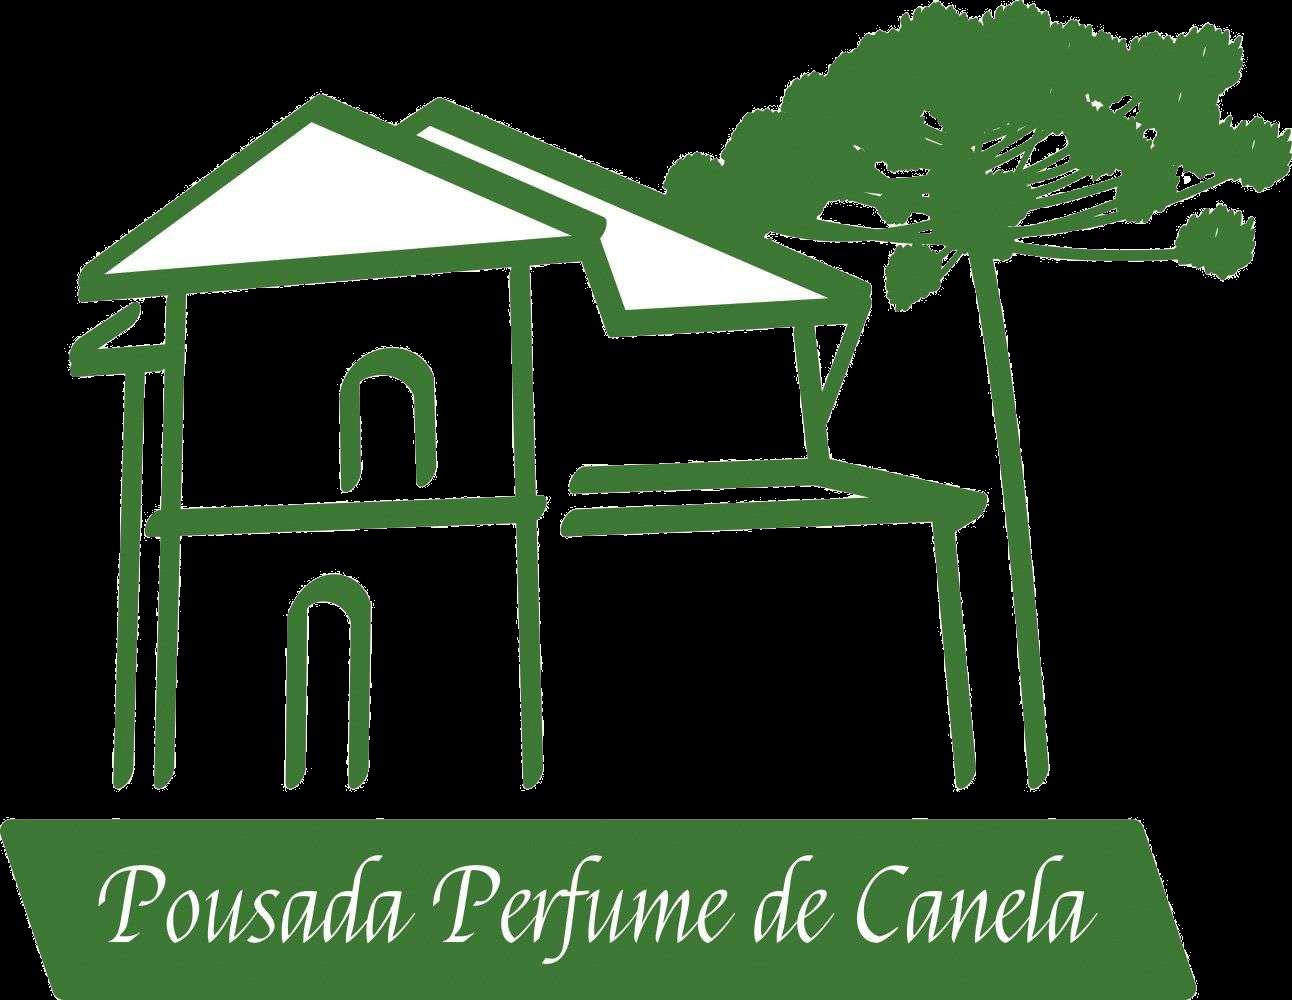 Pousada Perfume de Canela